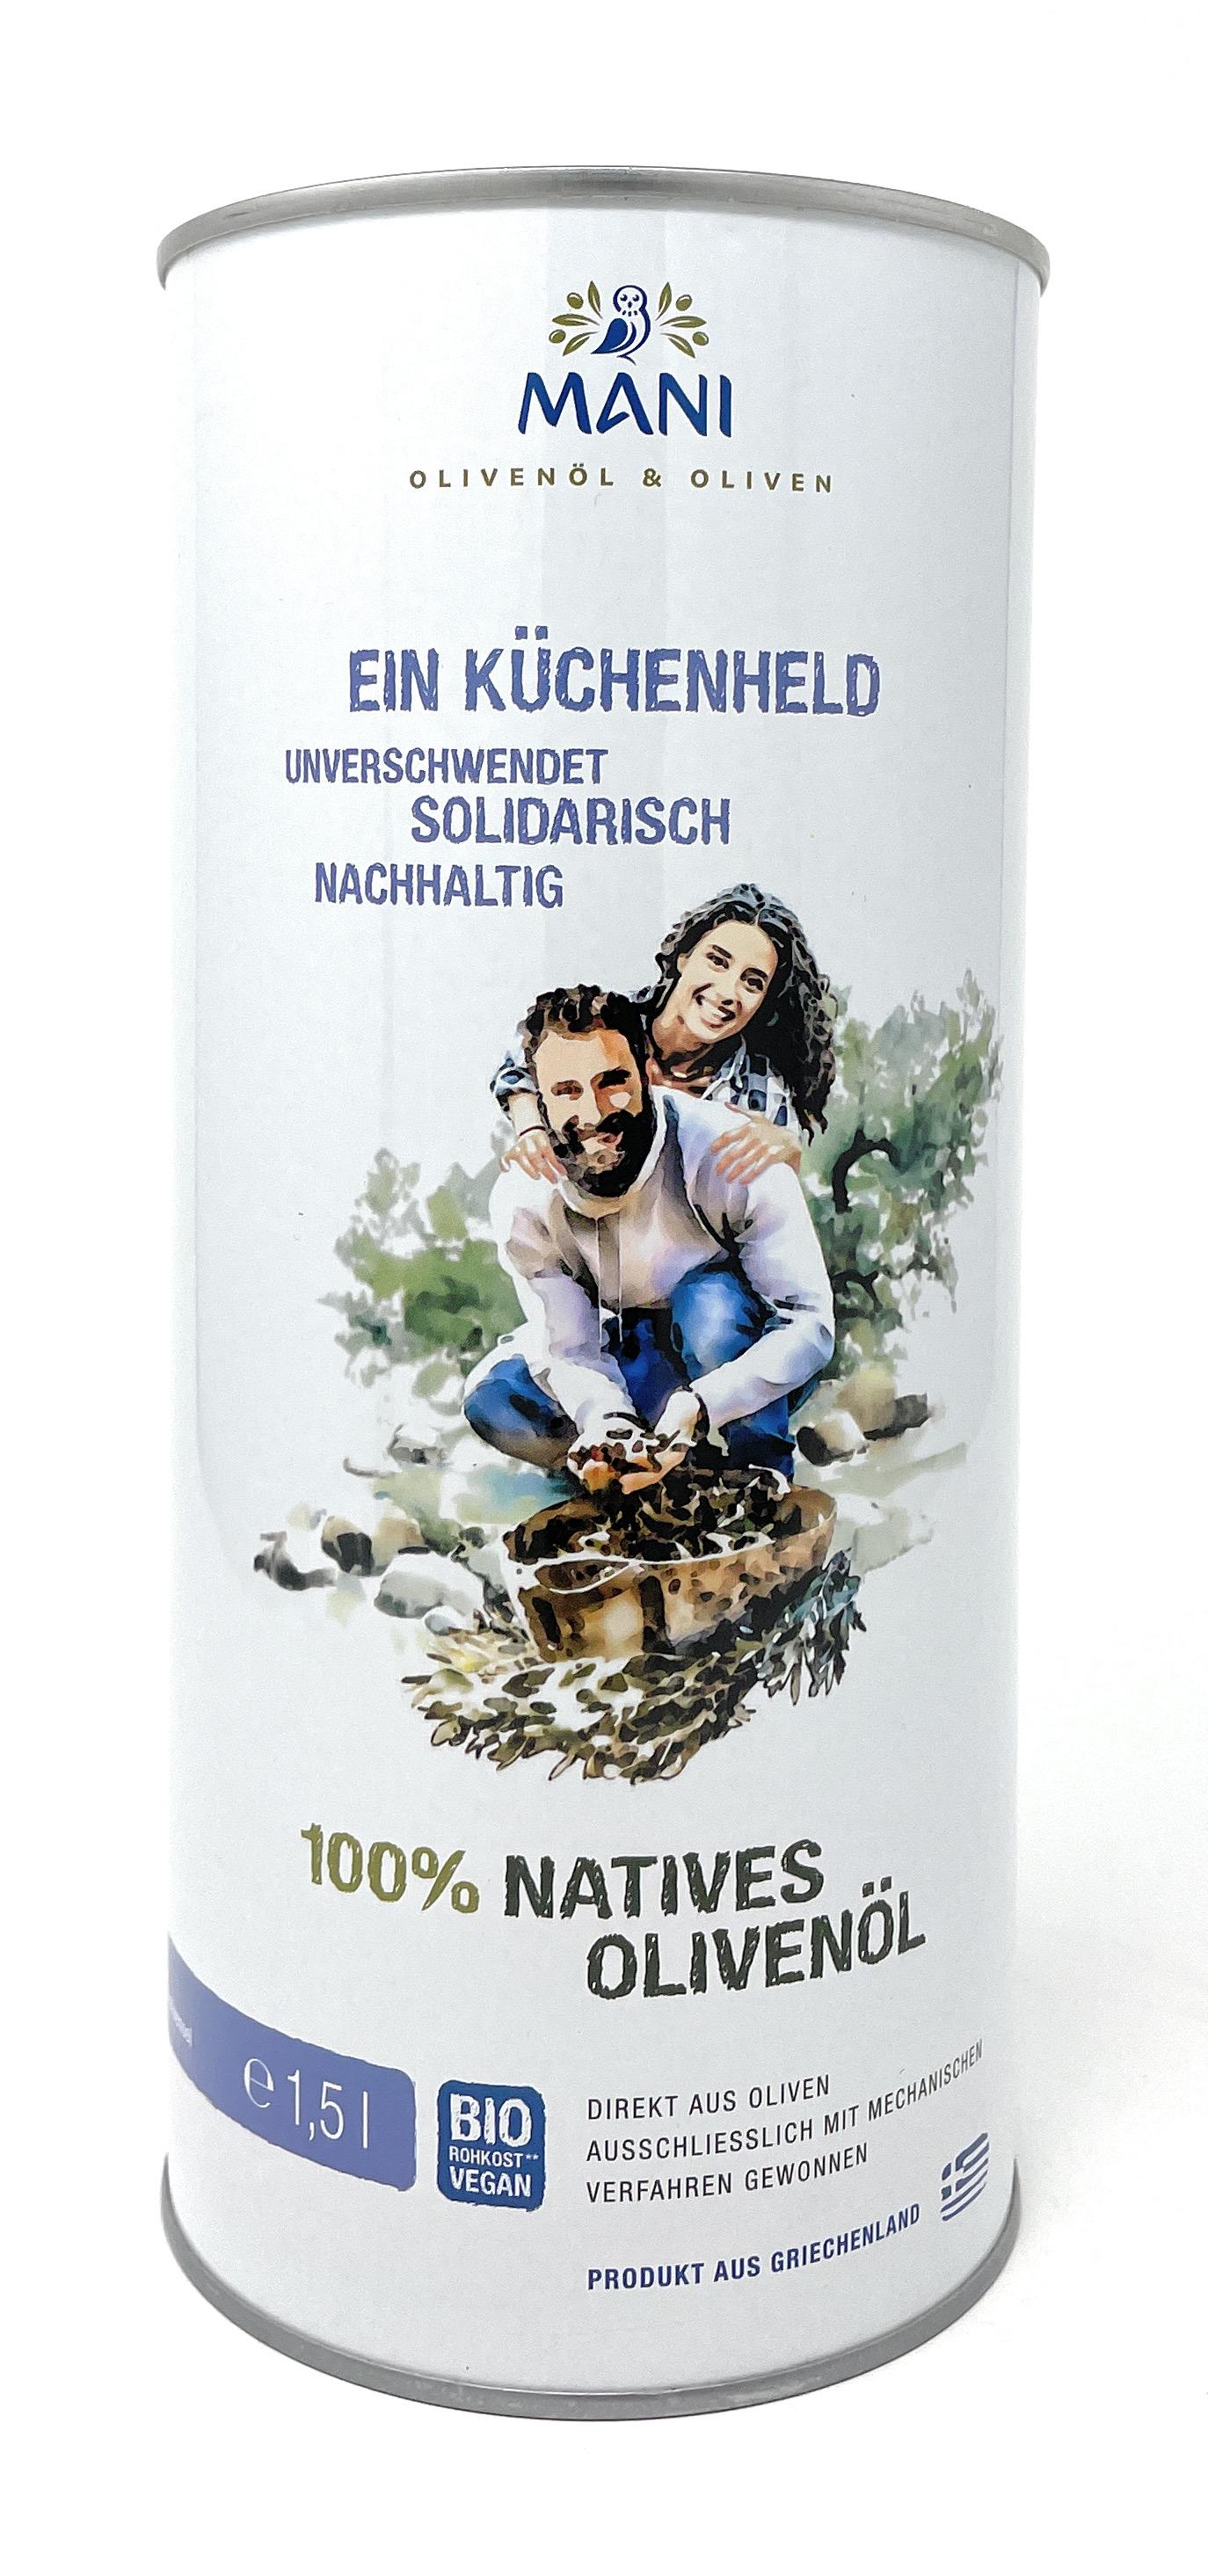 Mani Bläuel 100% Natives Bio-Olivenöl  Küchenheld 1,5l Dose(vegan)